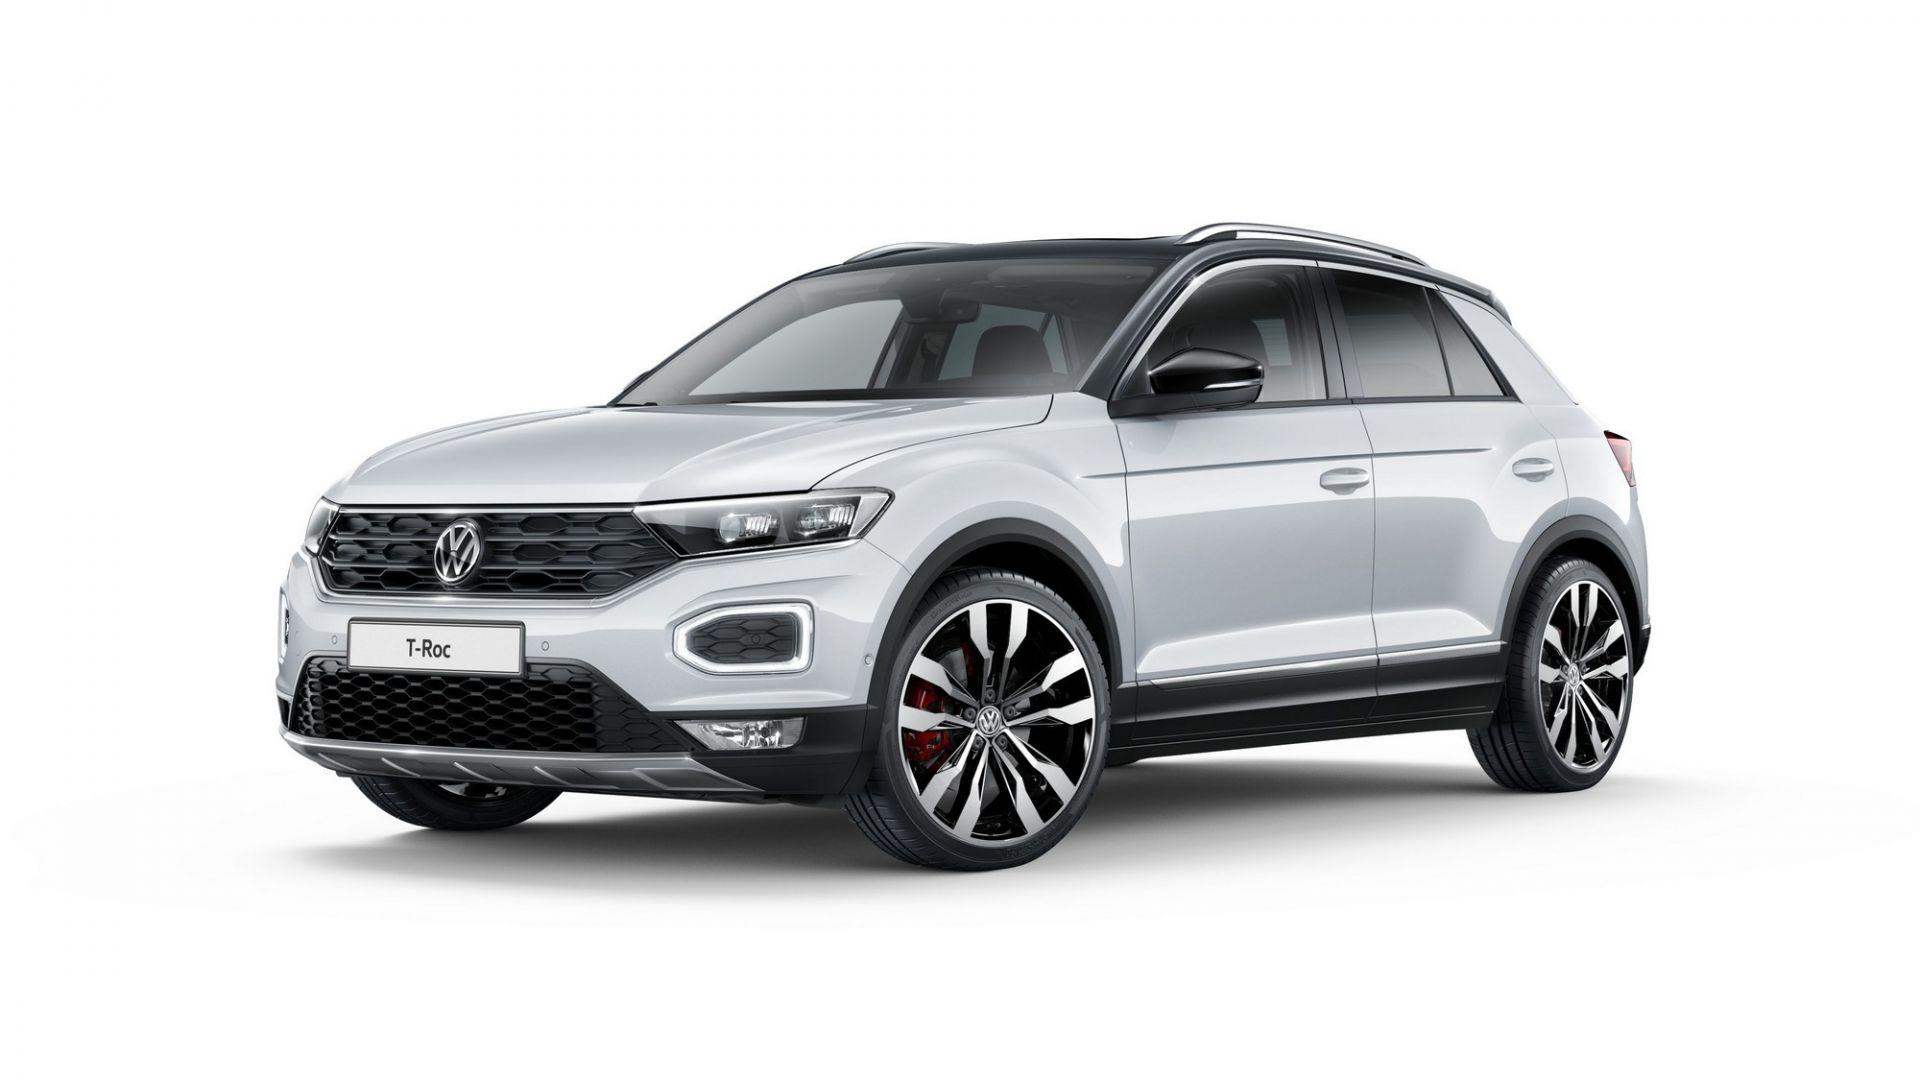 Nuove motorizzazioni diesel Volkswagen T-Roc